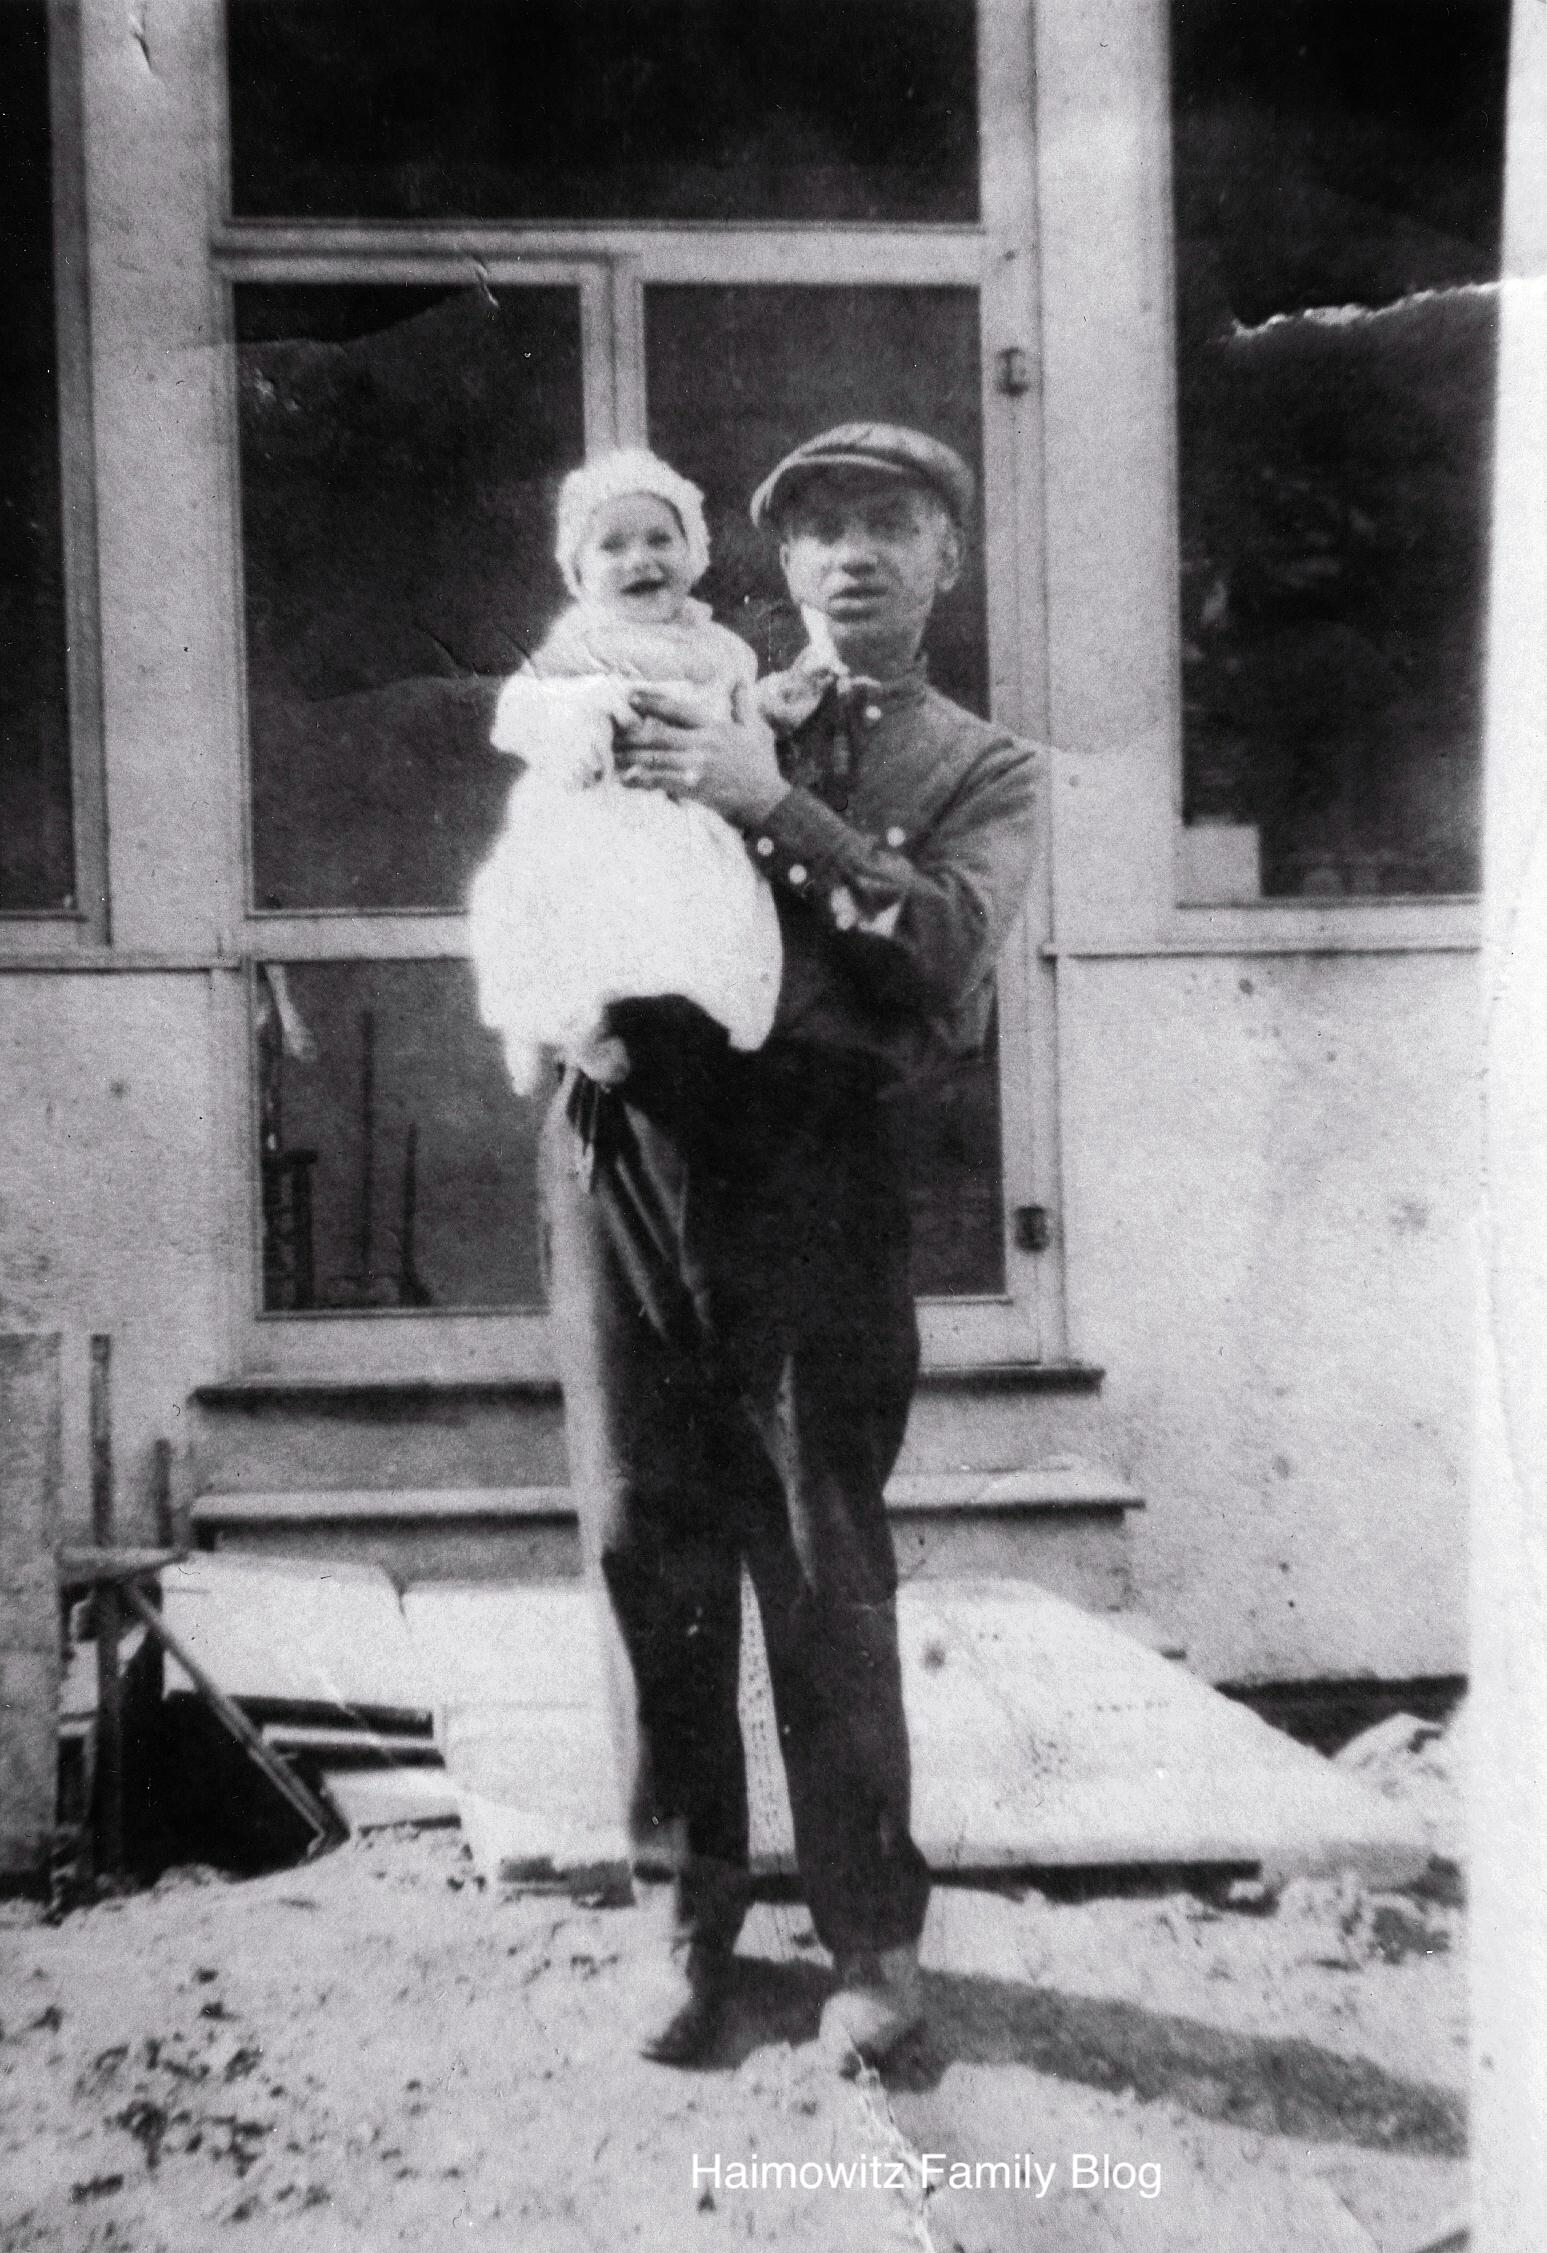 William holding Marion copy